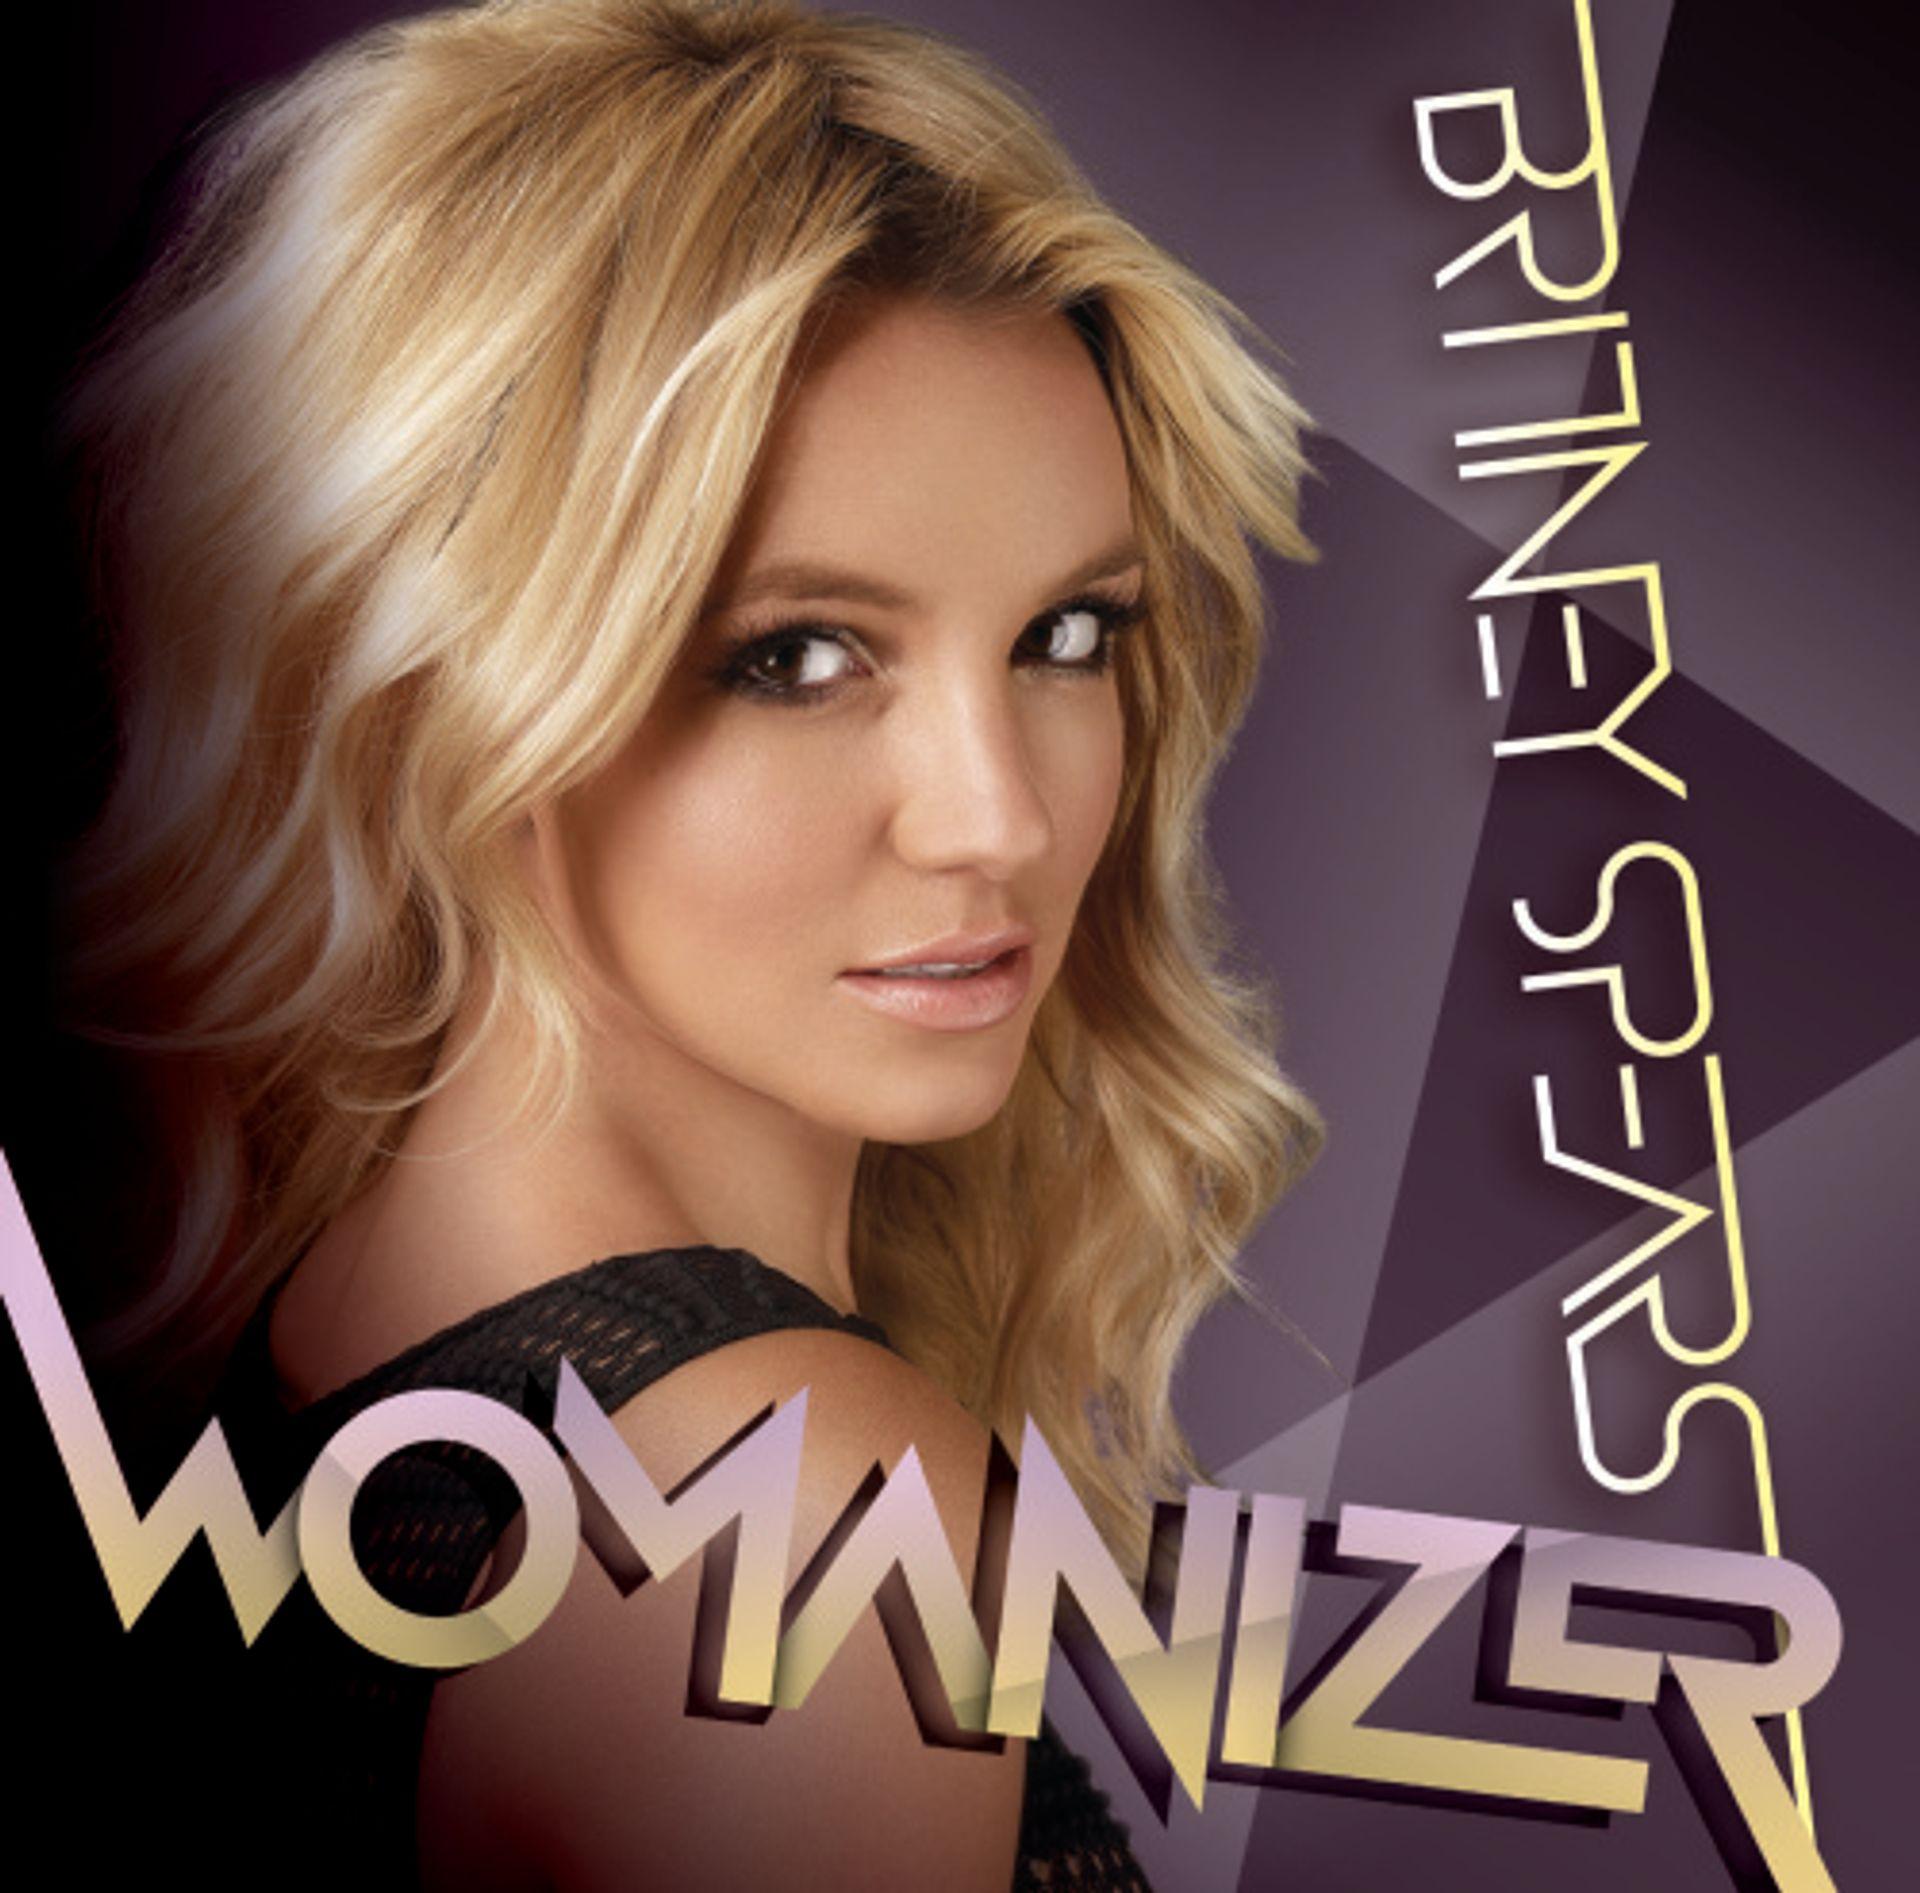 Wat is er aan de hand met Britney Spears en #FreeBritney?